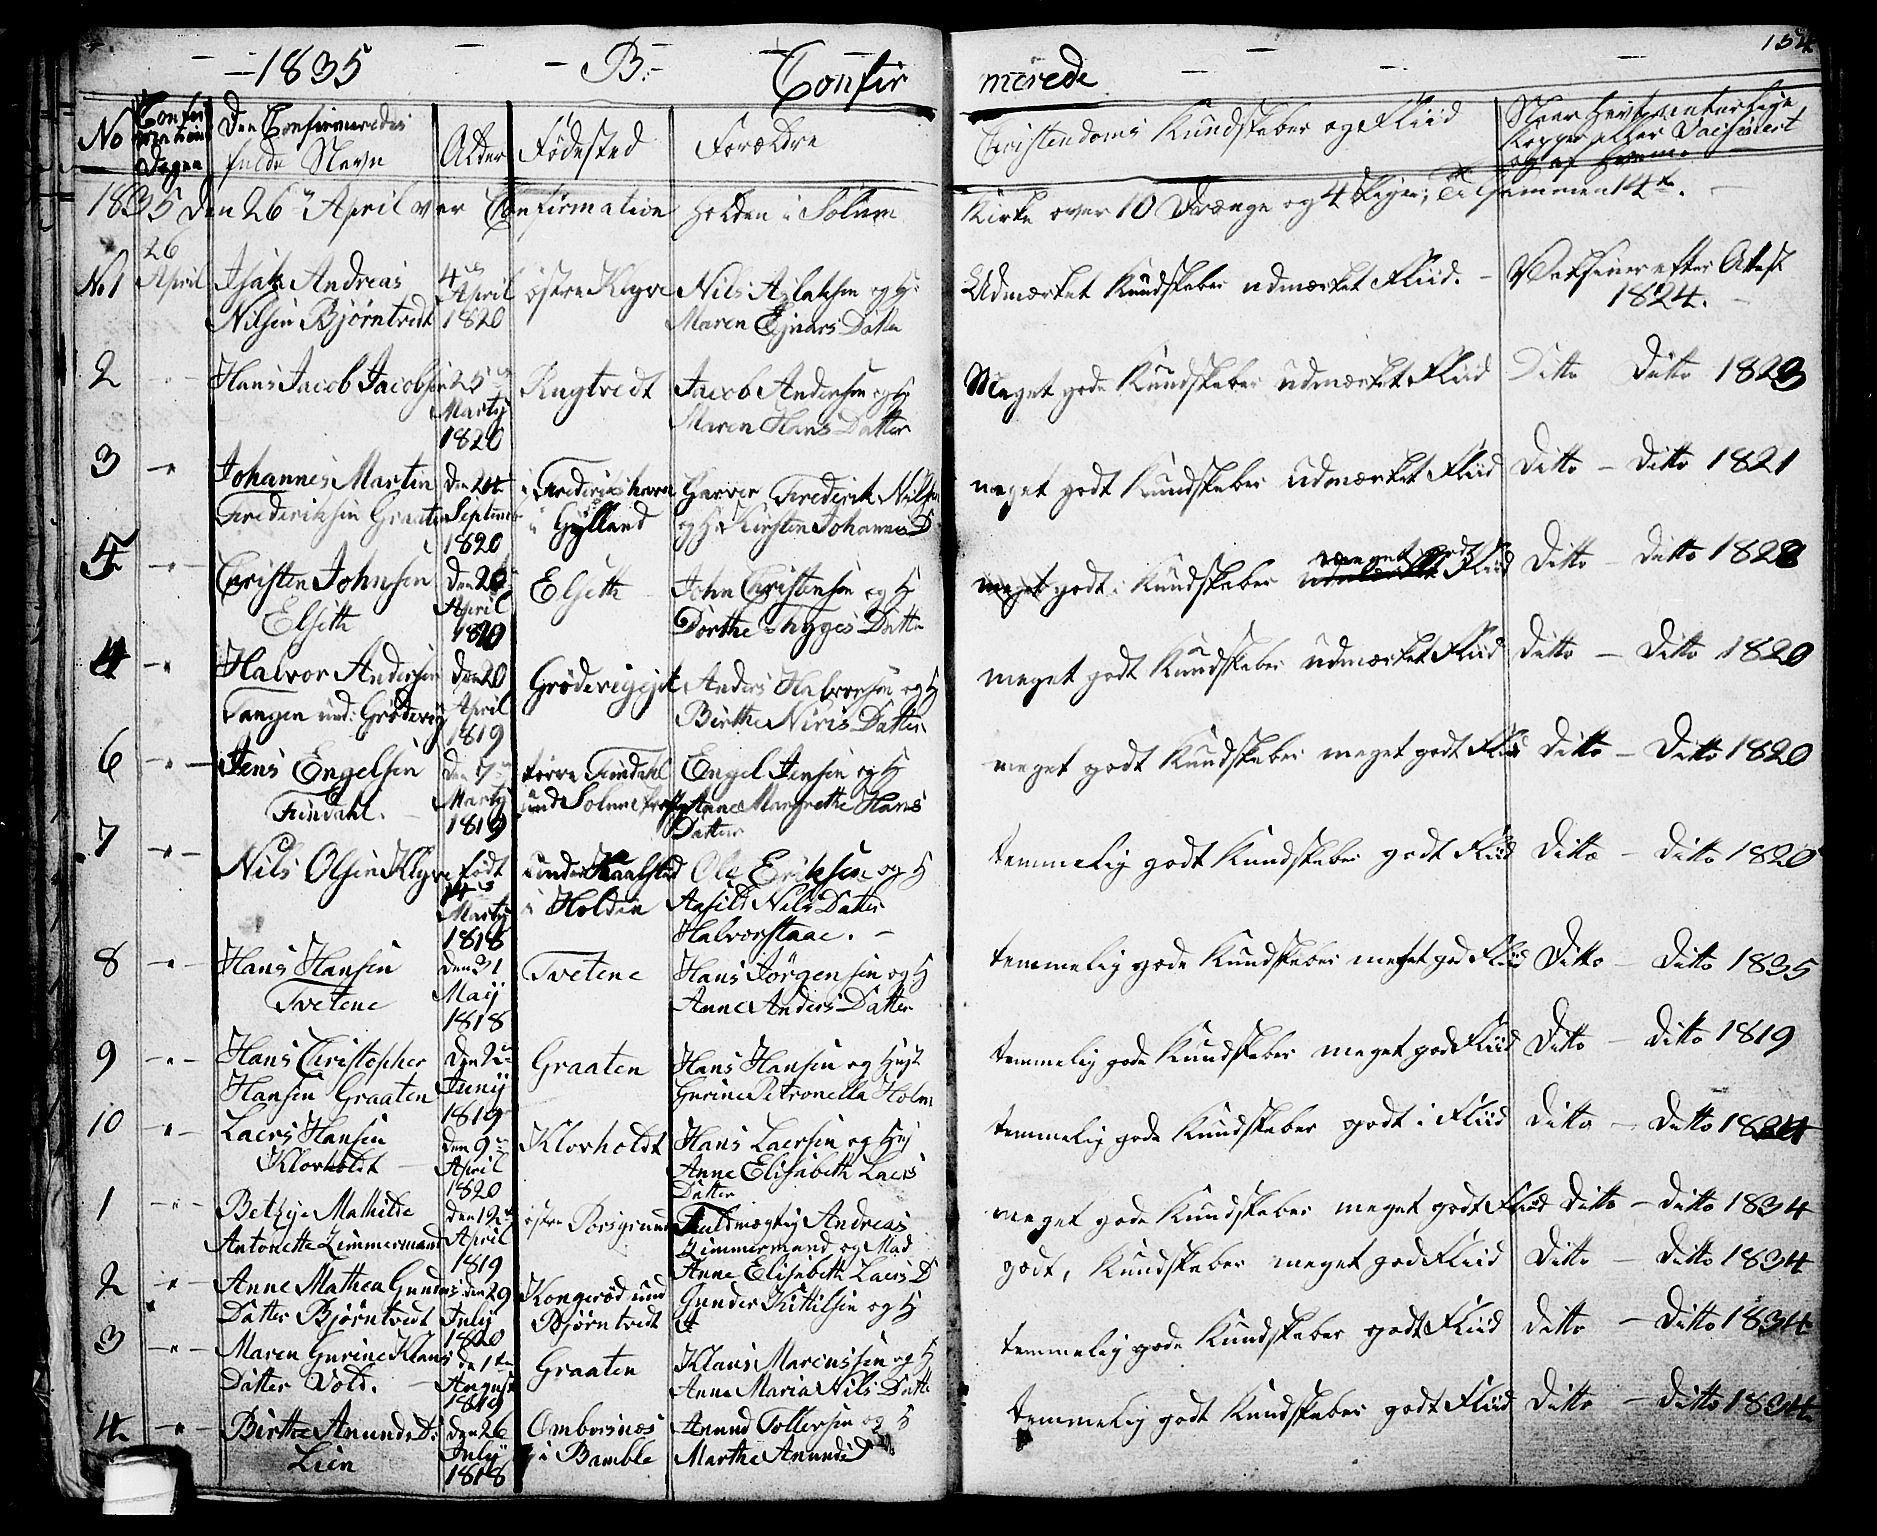 SAKO, Solum kirkebøker, G/Ga/L0002: Klokkerbok nr. I 2, 1834-1848, s. 154